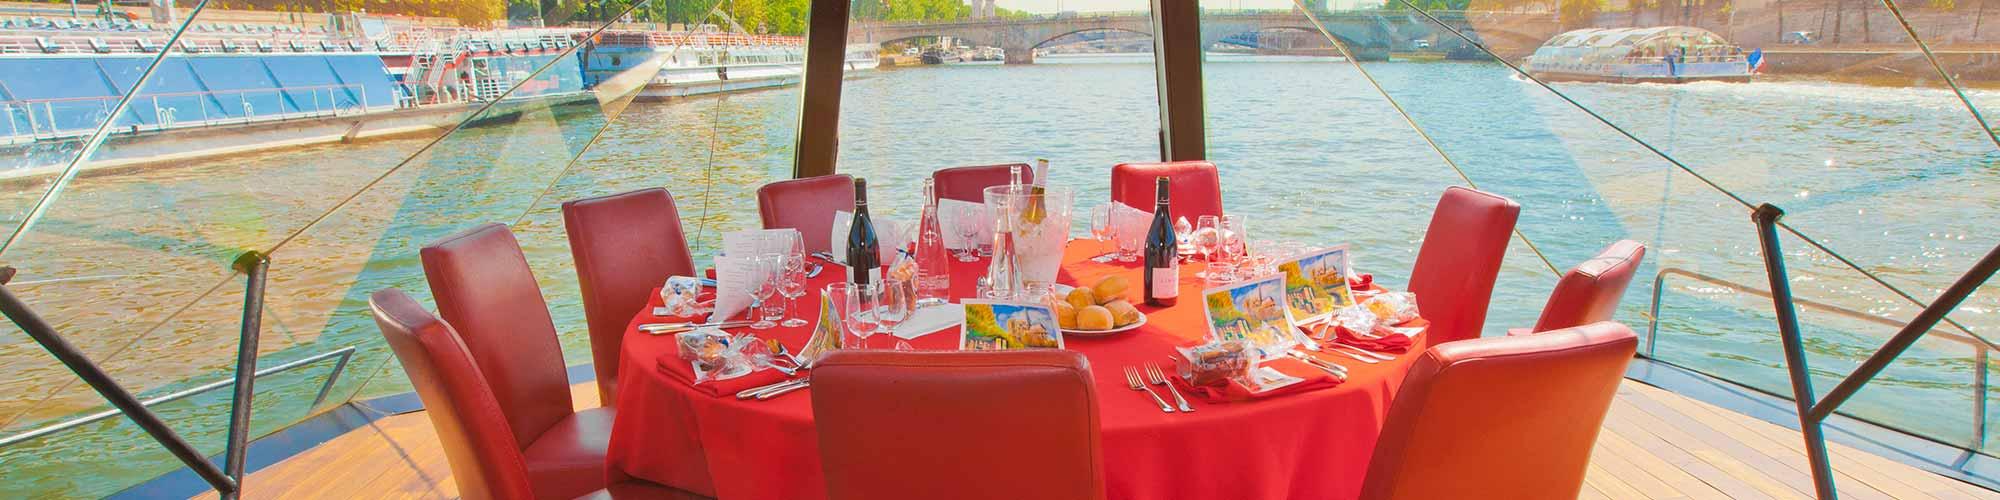 Restaurant Insolite Et Romantique A Paris